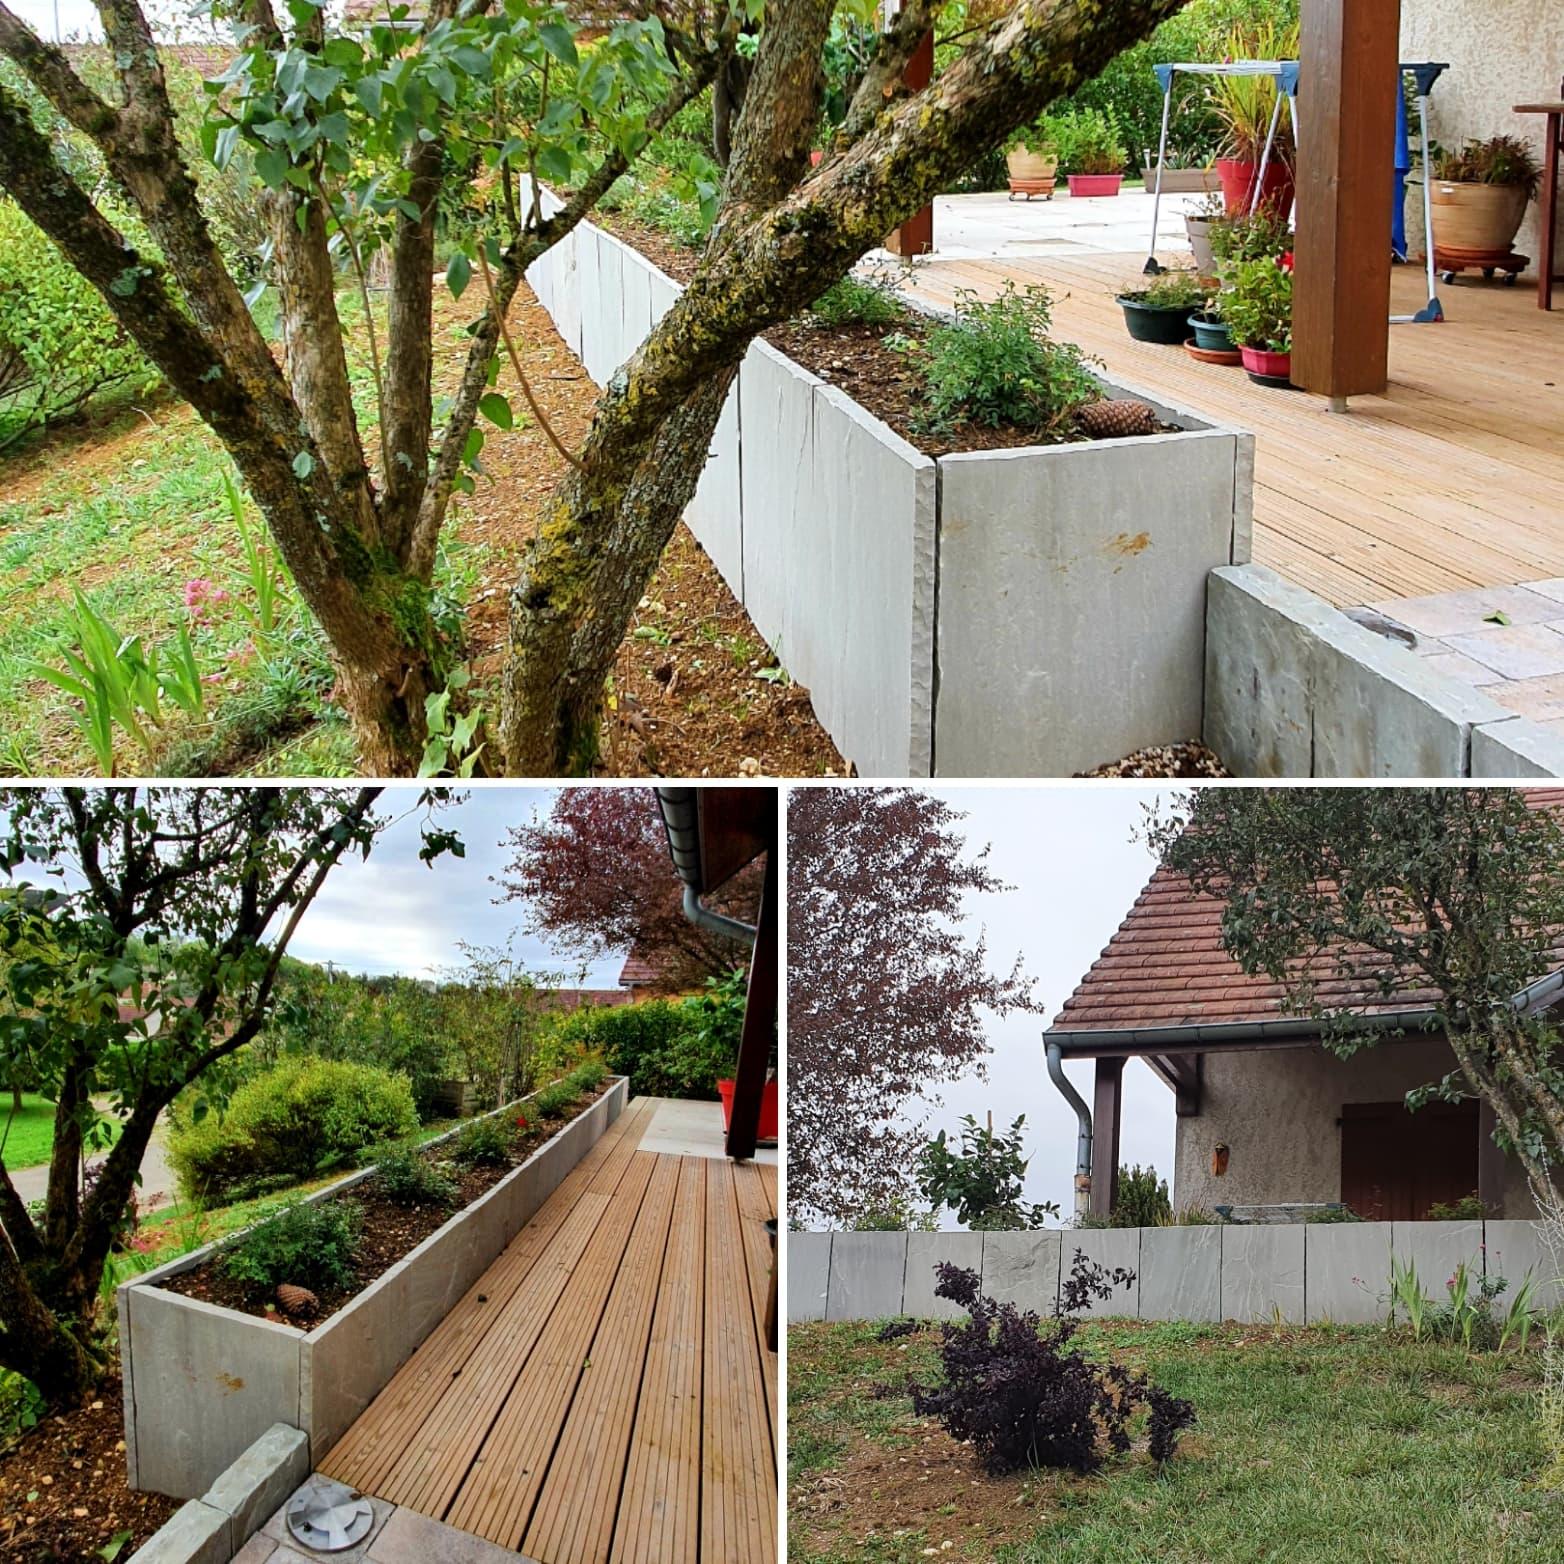 6.Jardinièrebordure_kandla_-_Montage_2.